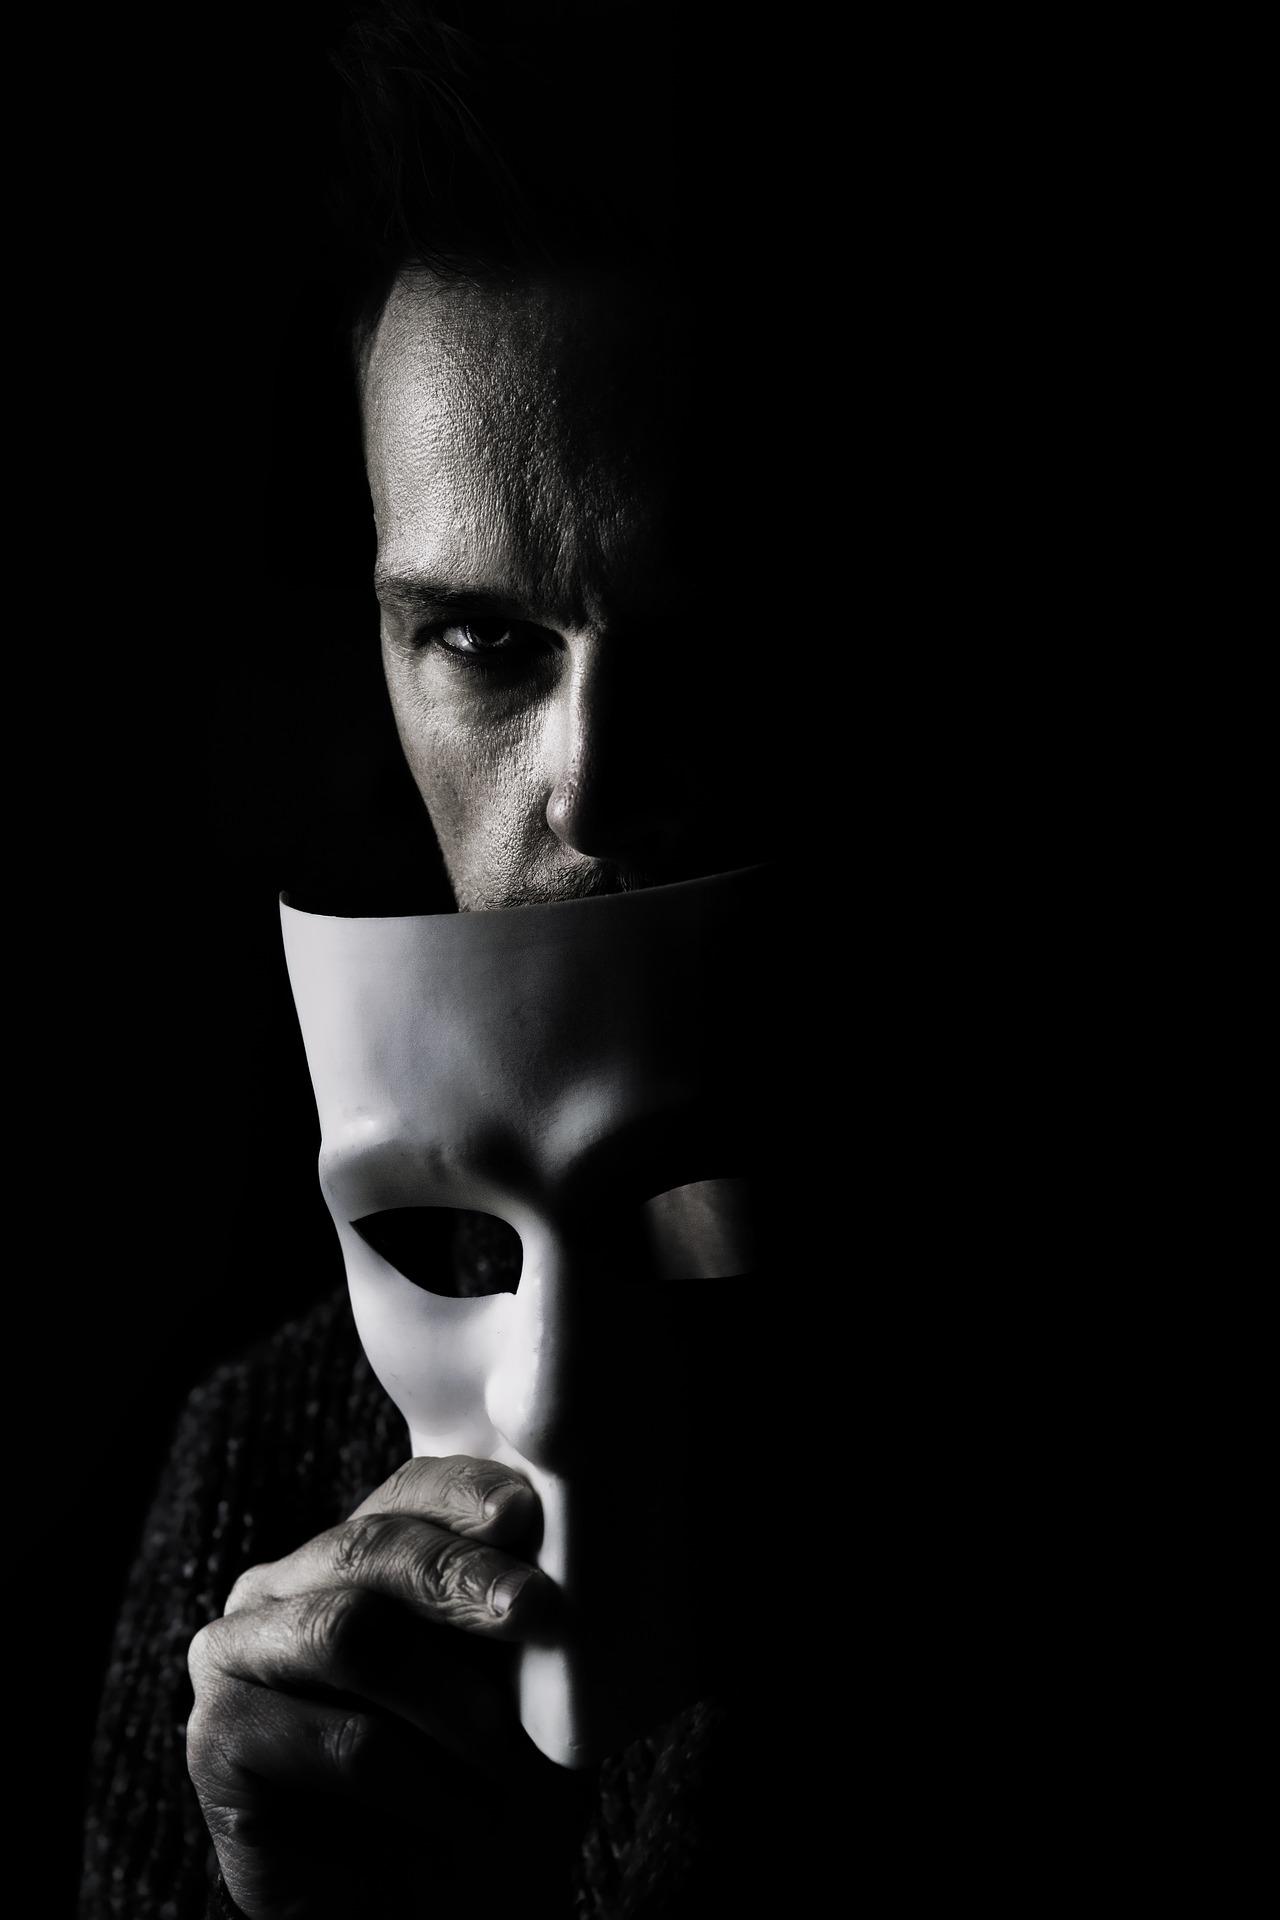 Esoterista occultista in anonimato